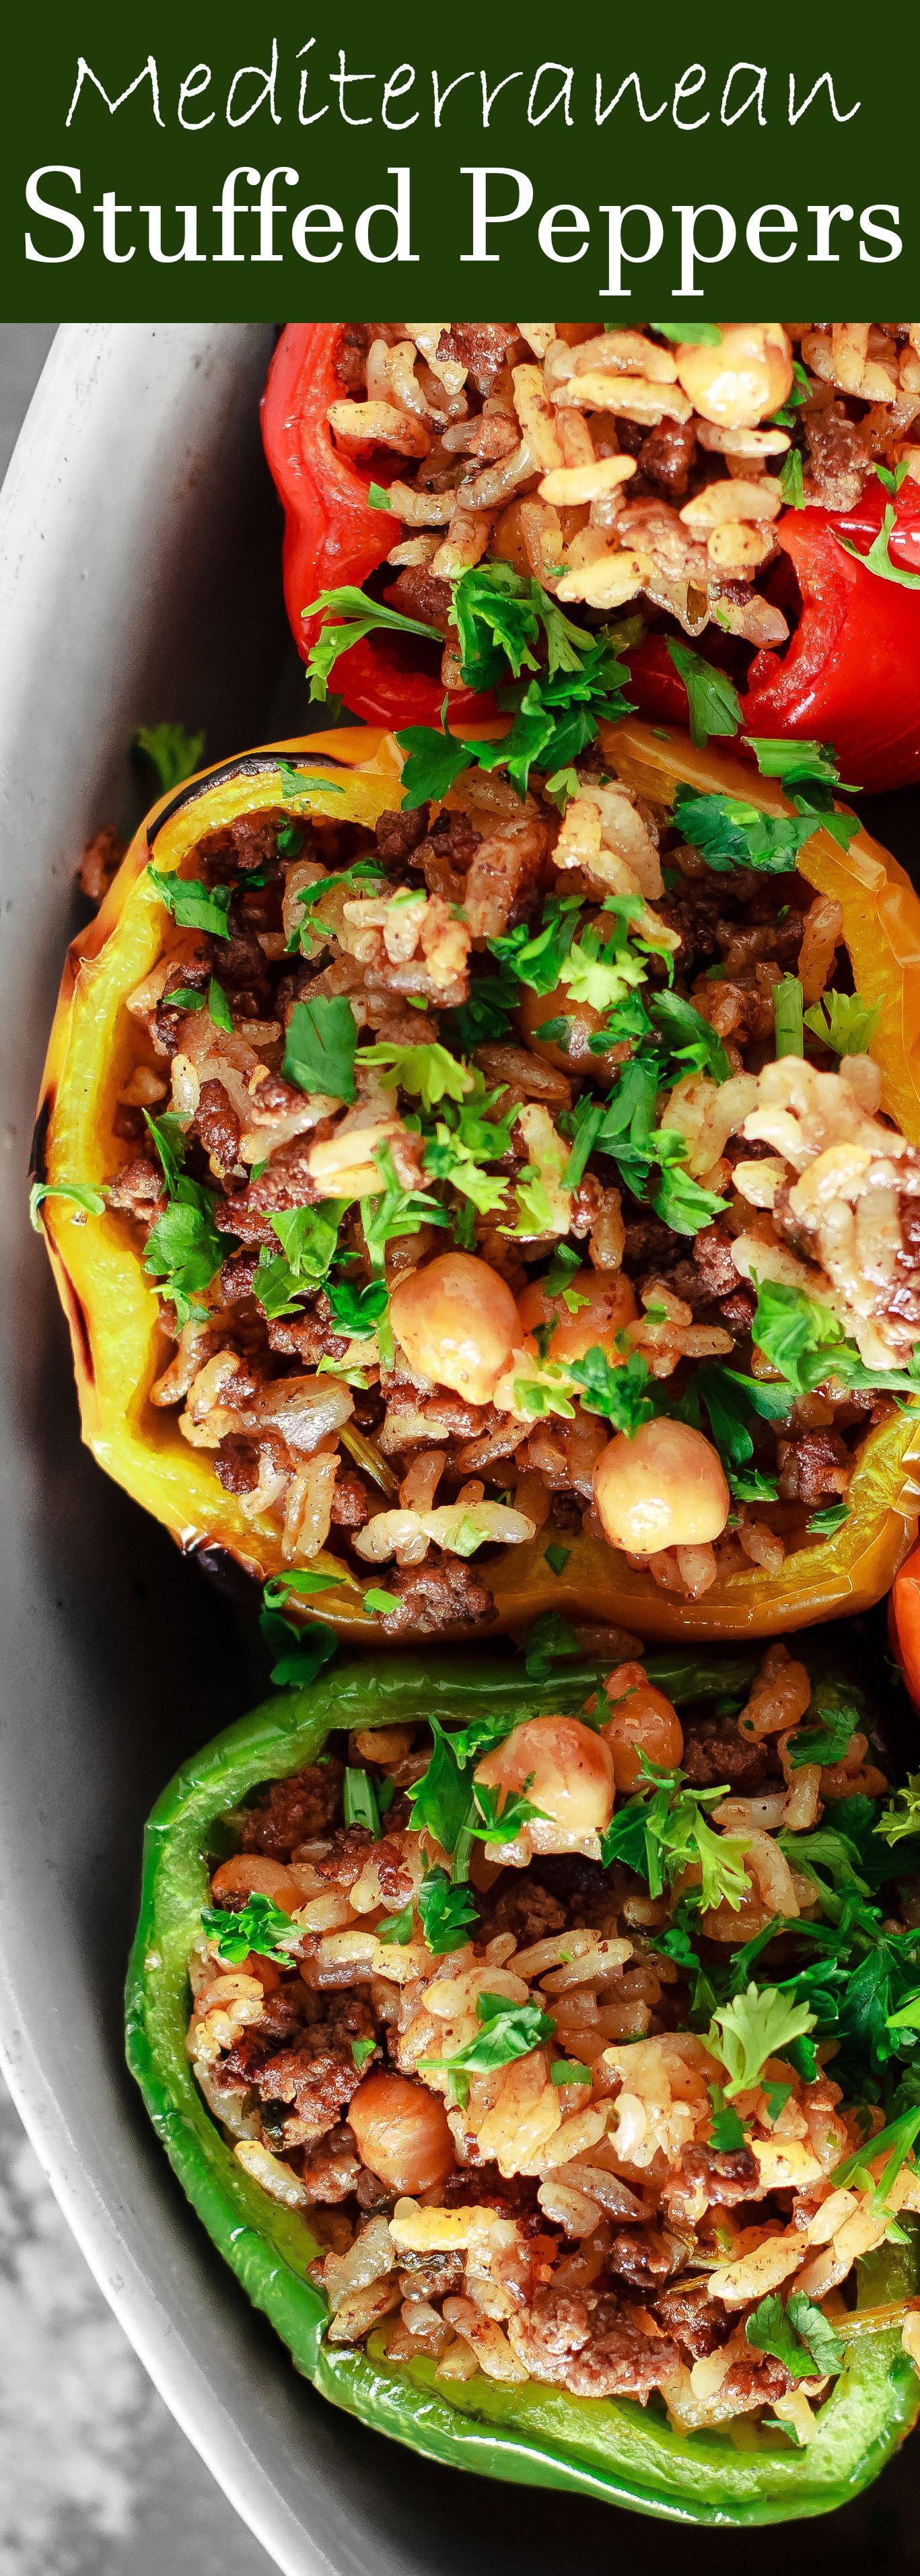 Mediterranean Stuffed Peppers Recipe The Mediterranean Dish Easy Delicious Stuffed Pepper Mediterranean Recipes Peppers Recipes Mediterranean Diet Recipes